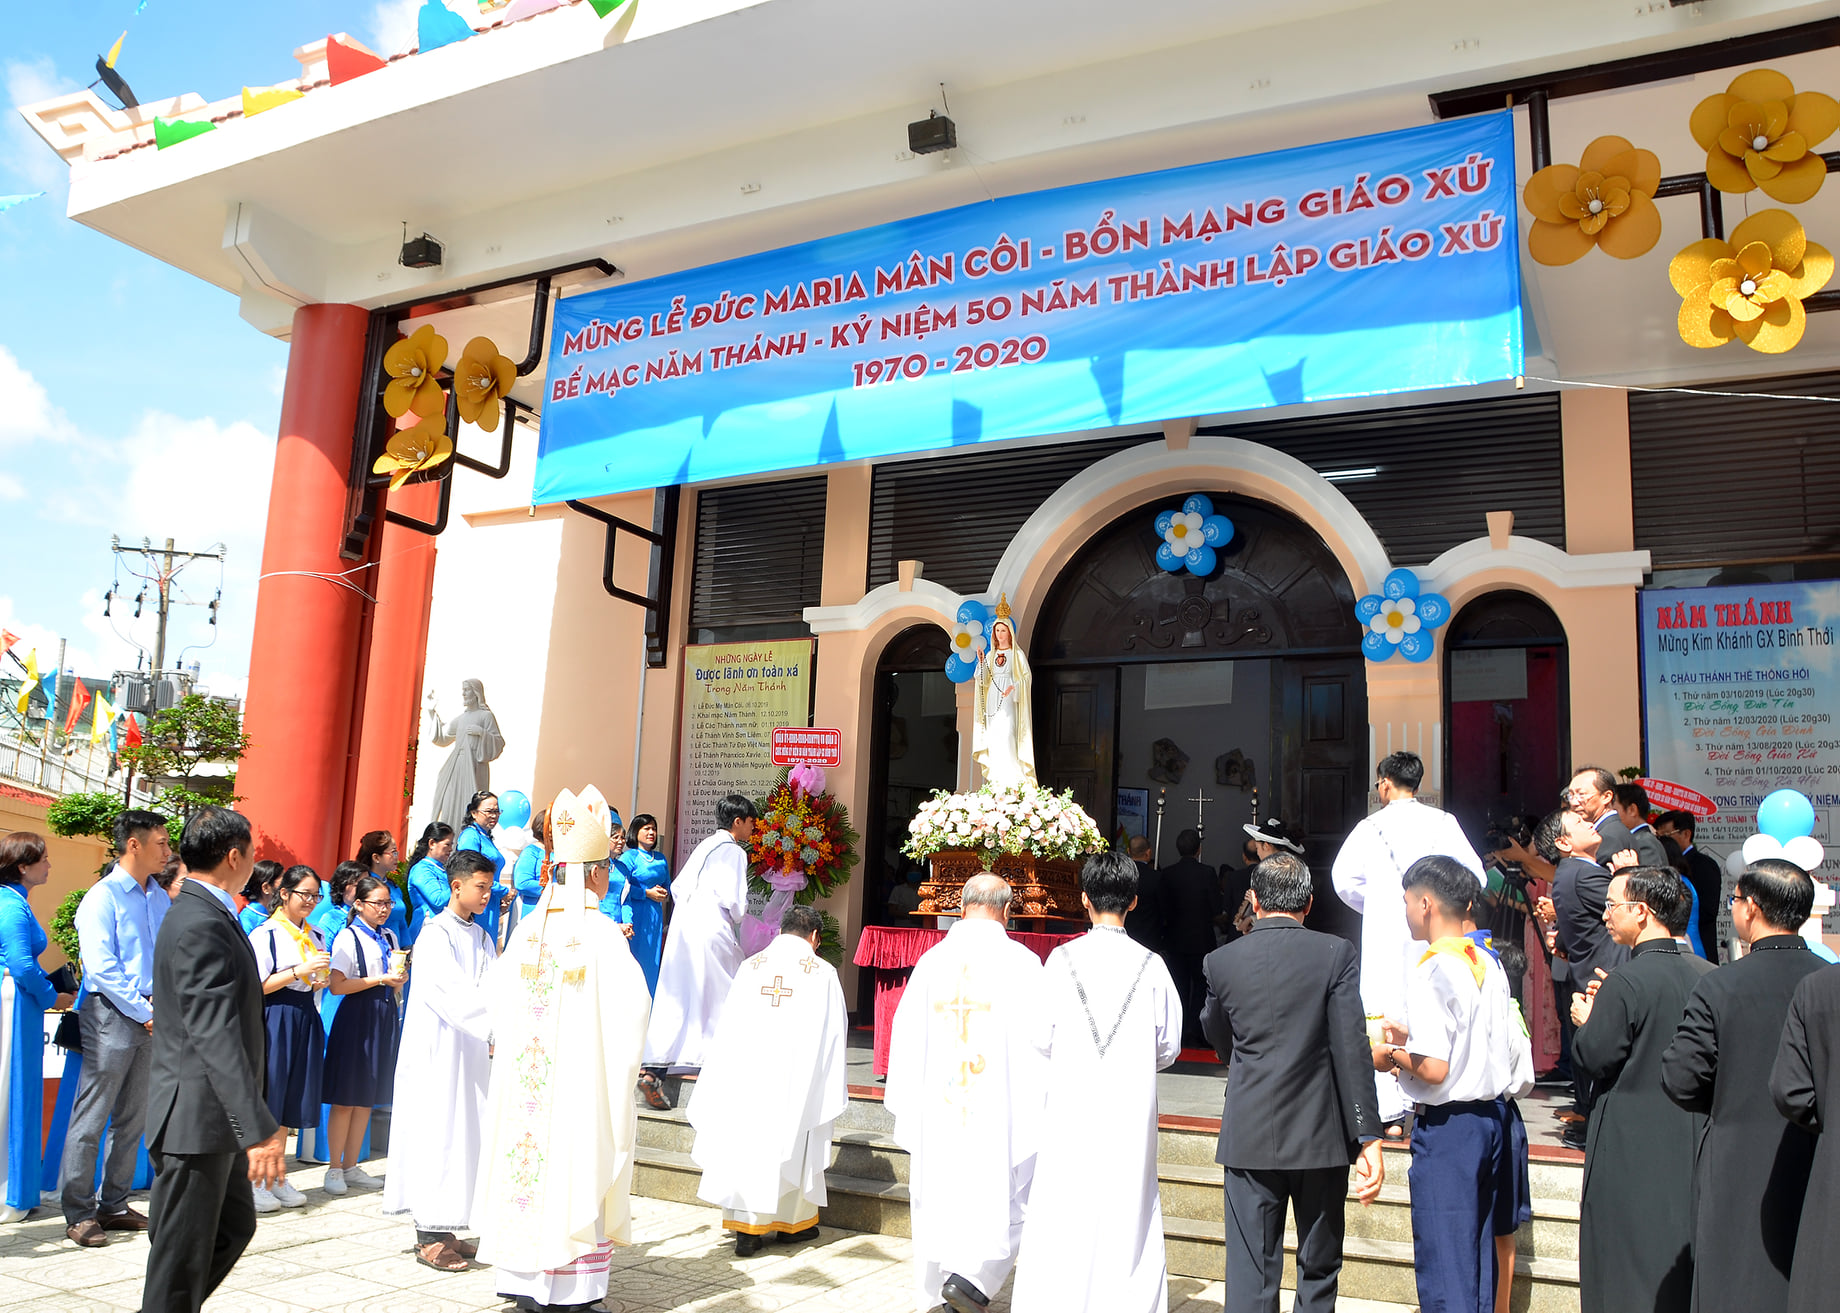 Giáo xứ Bình Thới: Mừng lễ bổn mạng ngày 04-10-2020